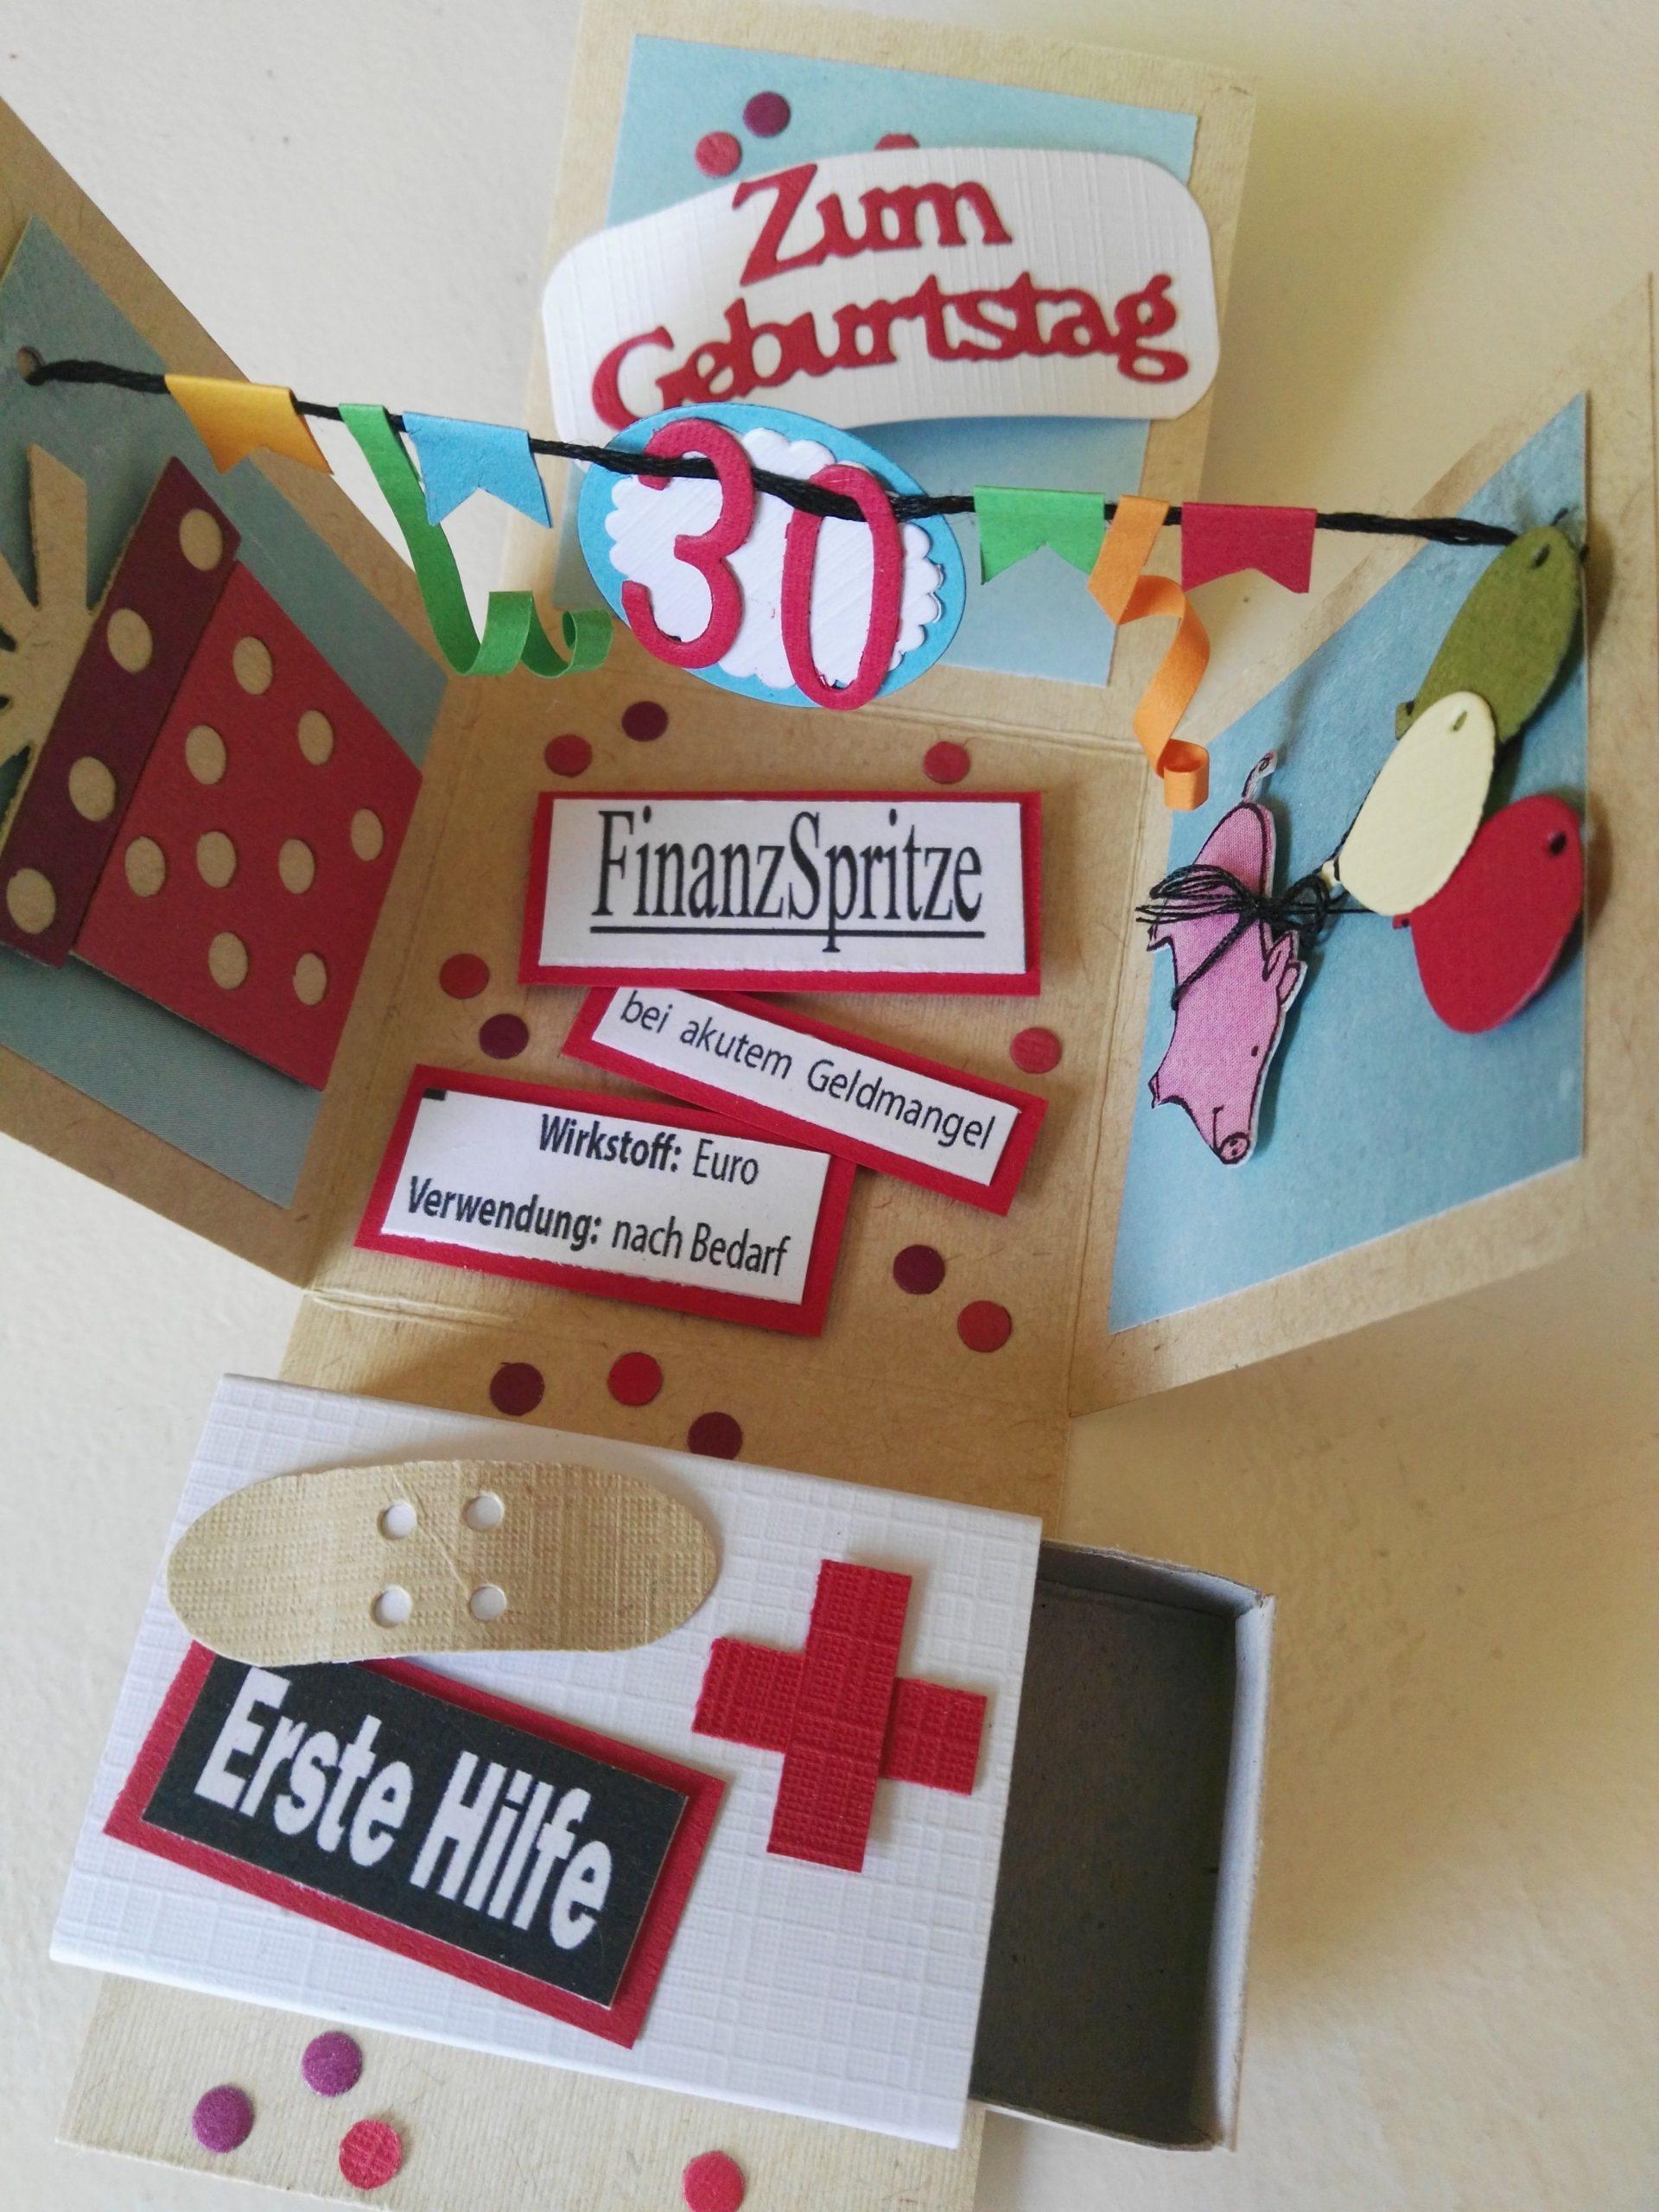 Explosionsbox Zum 30.geburtstag   Geburtstag Geschenke für Geburtstagsüberraschung Zum 30